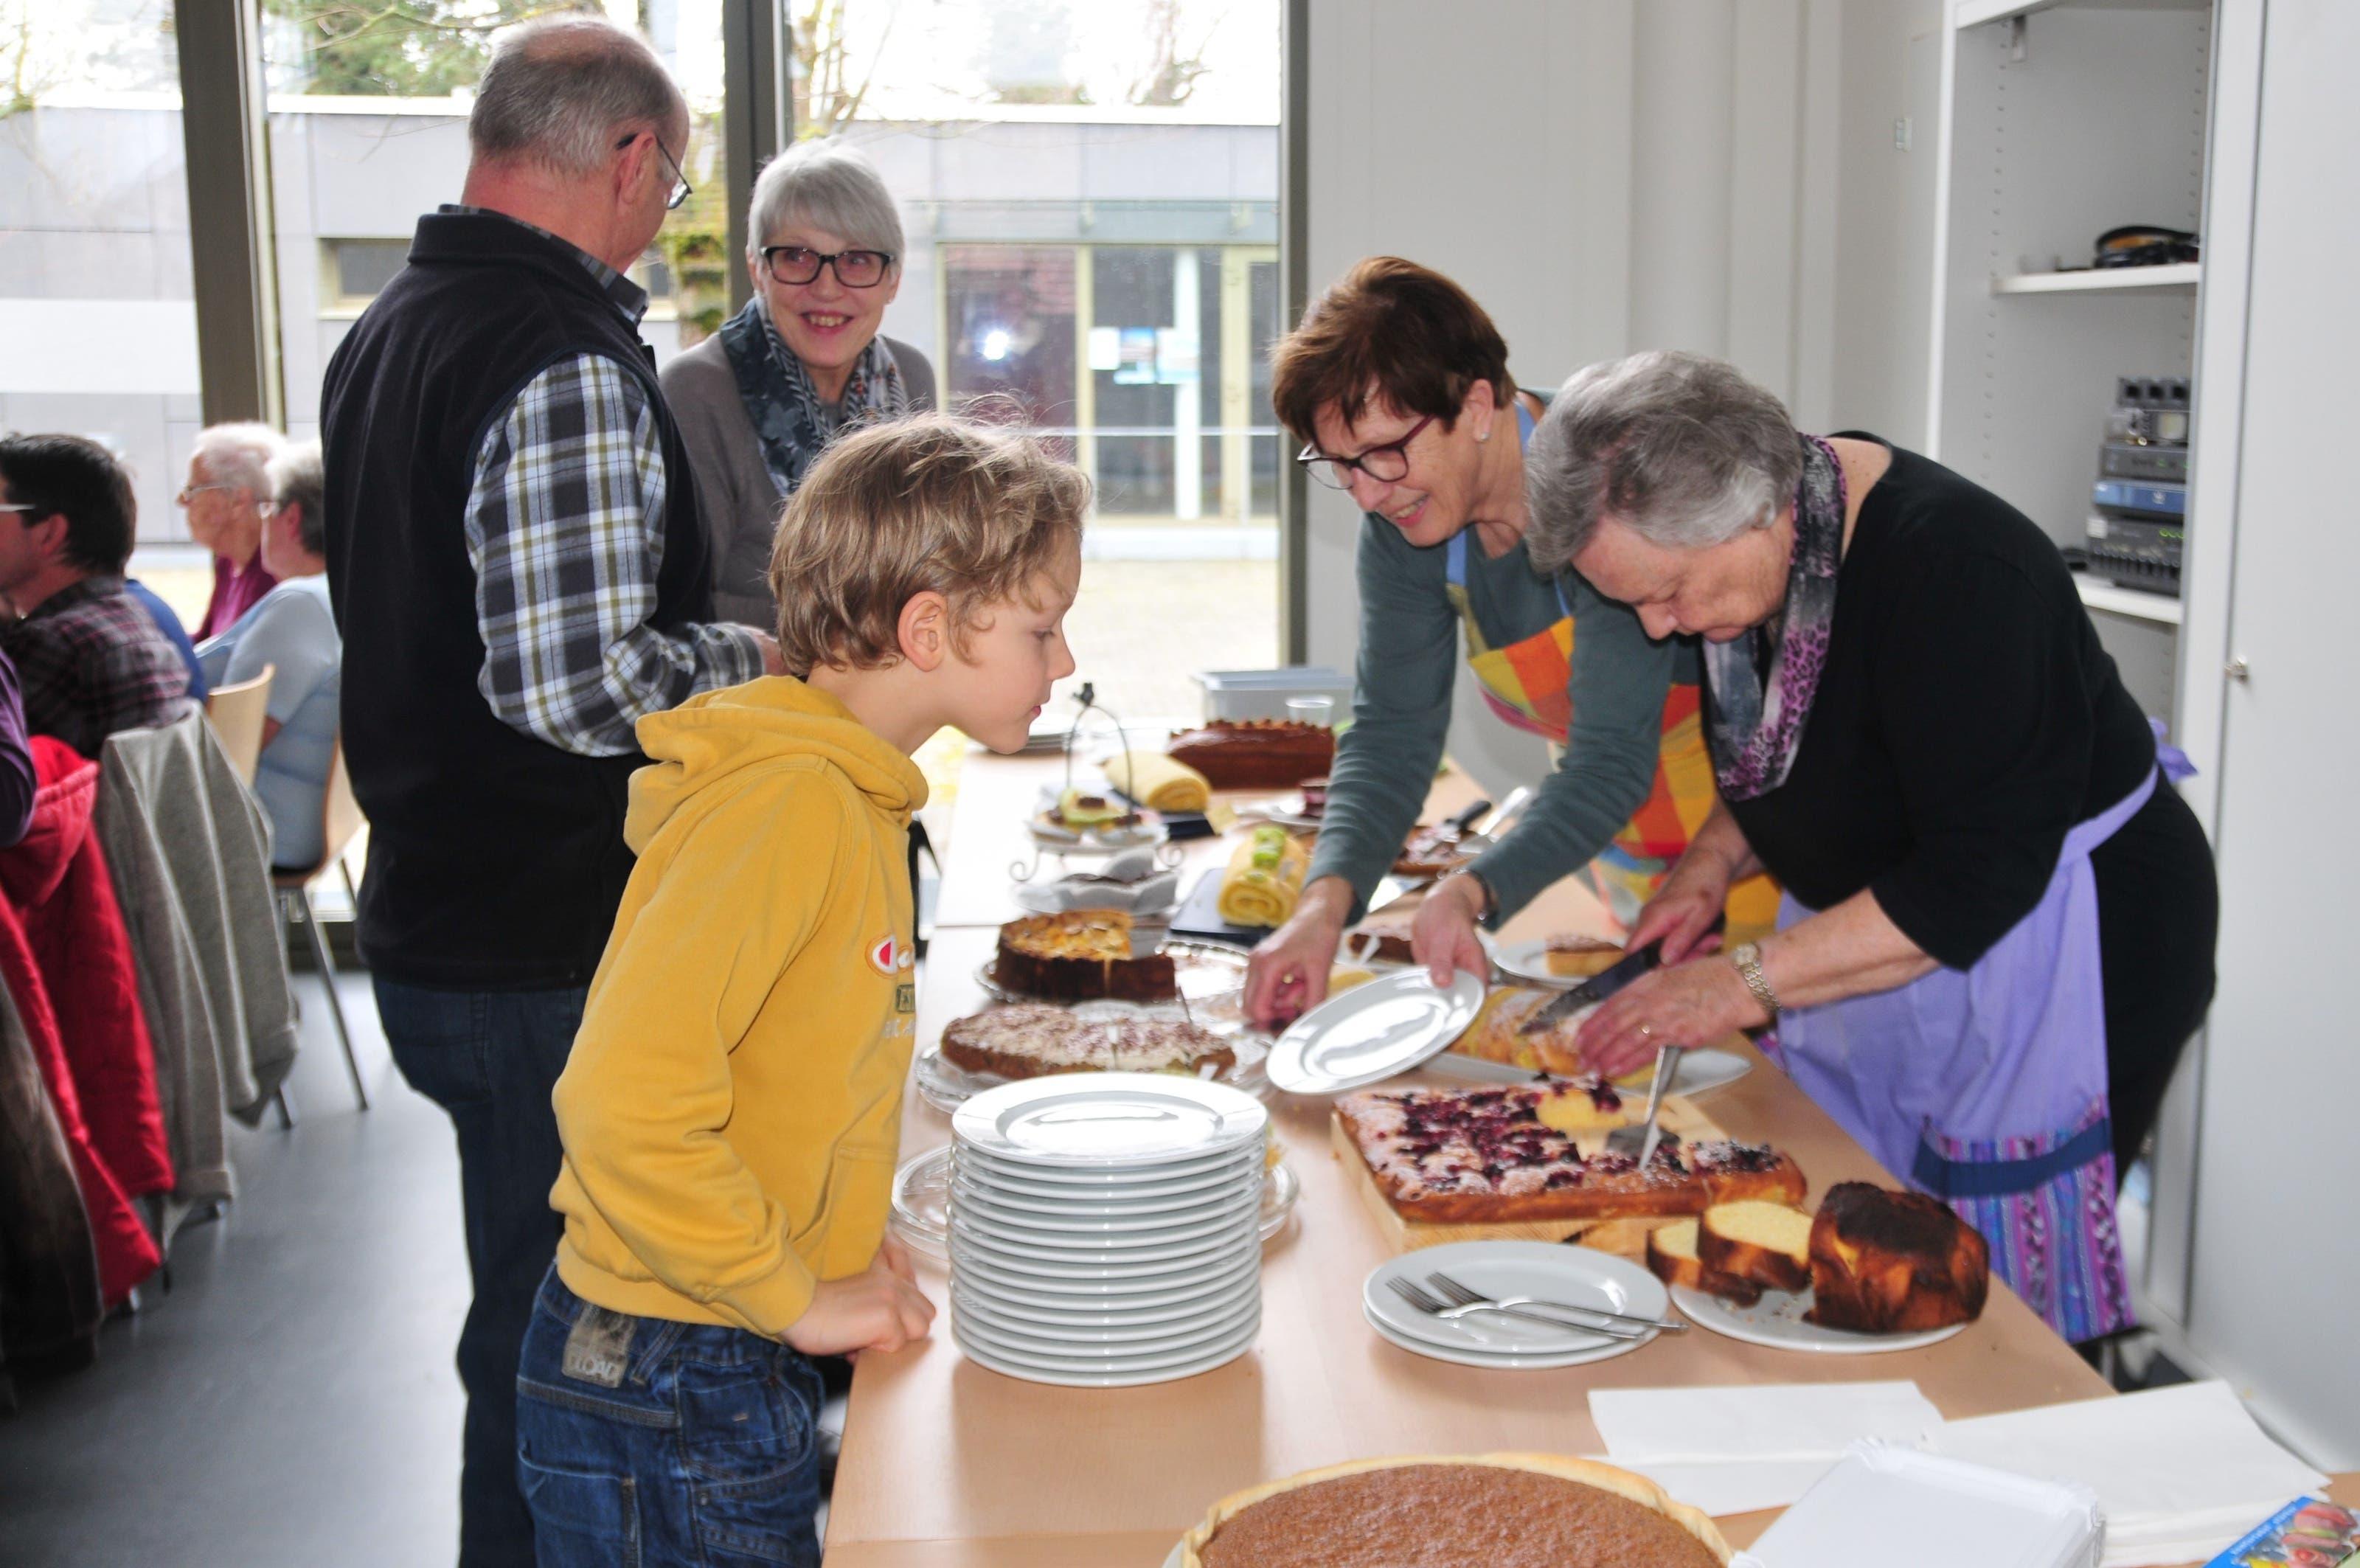 Das Kuchenbuffet war bei Gross und Klein beliebt.